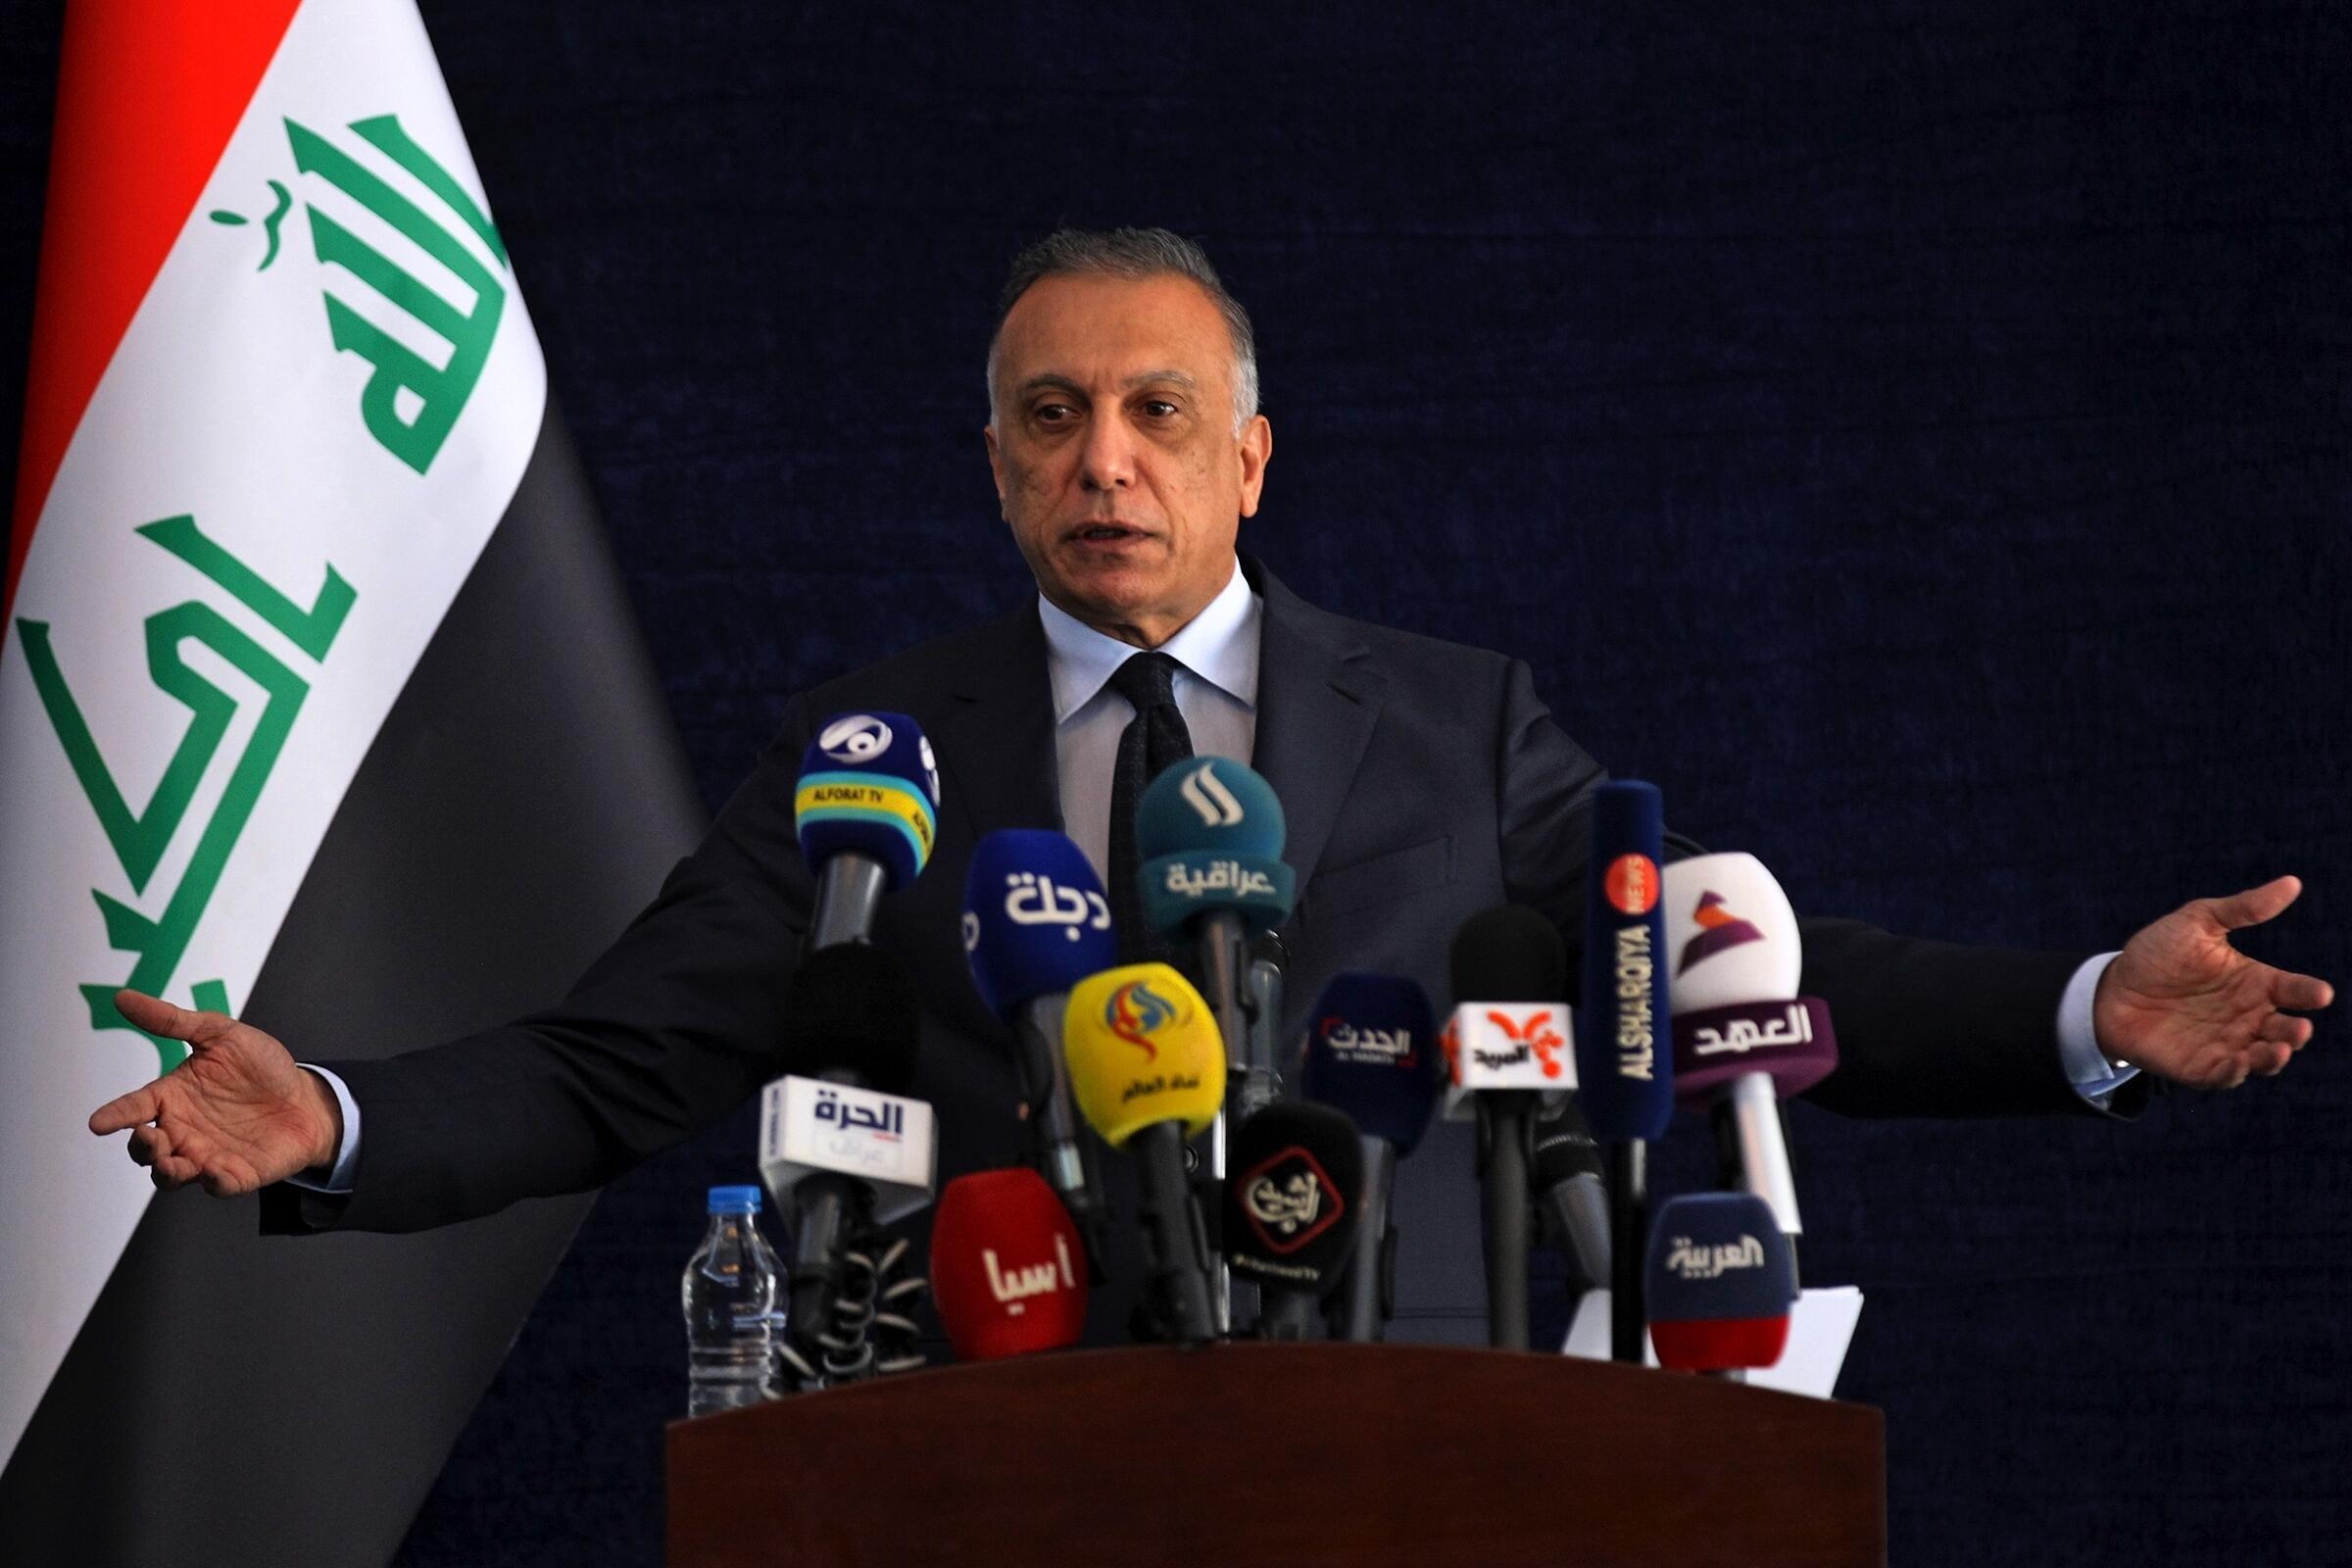 مصطفی کاظمی نخست وزیر عراق. .